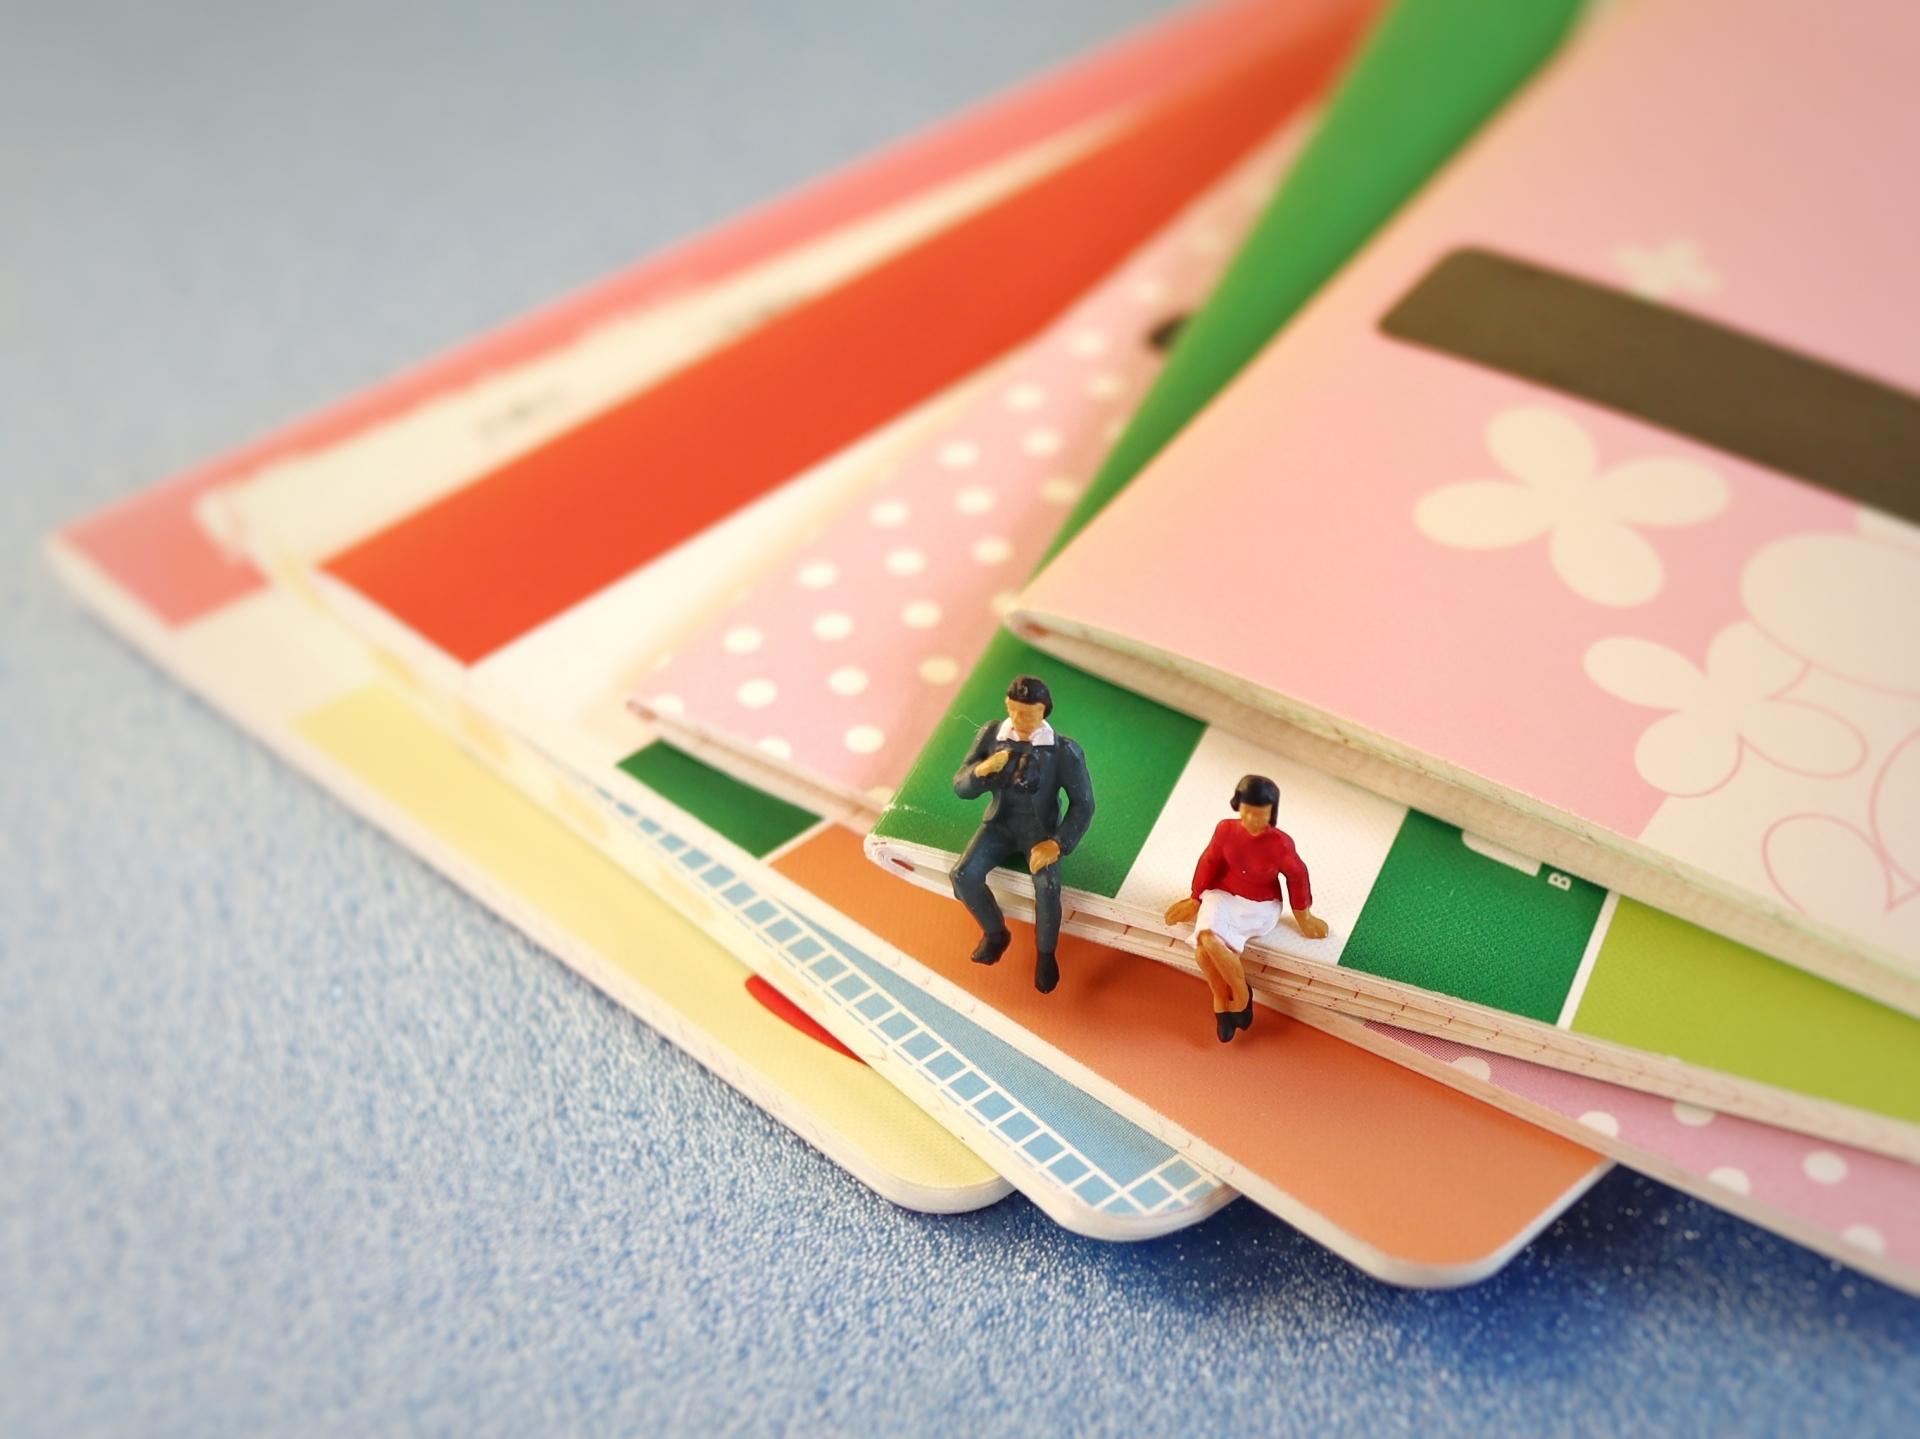 「家族の将来のための資金形成。「預金」と「投資」どちらを選ぶべき?」イメージ画像